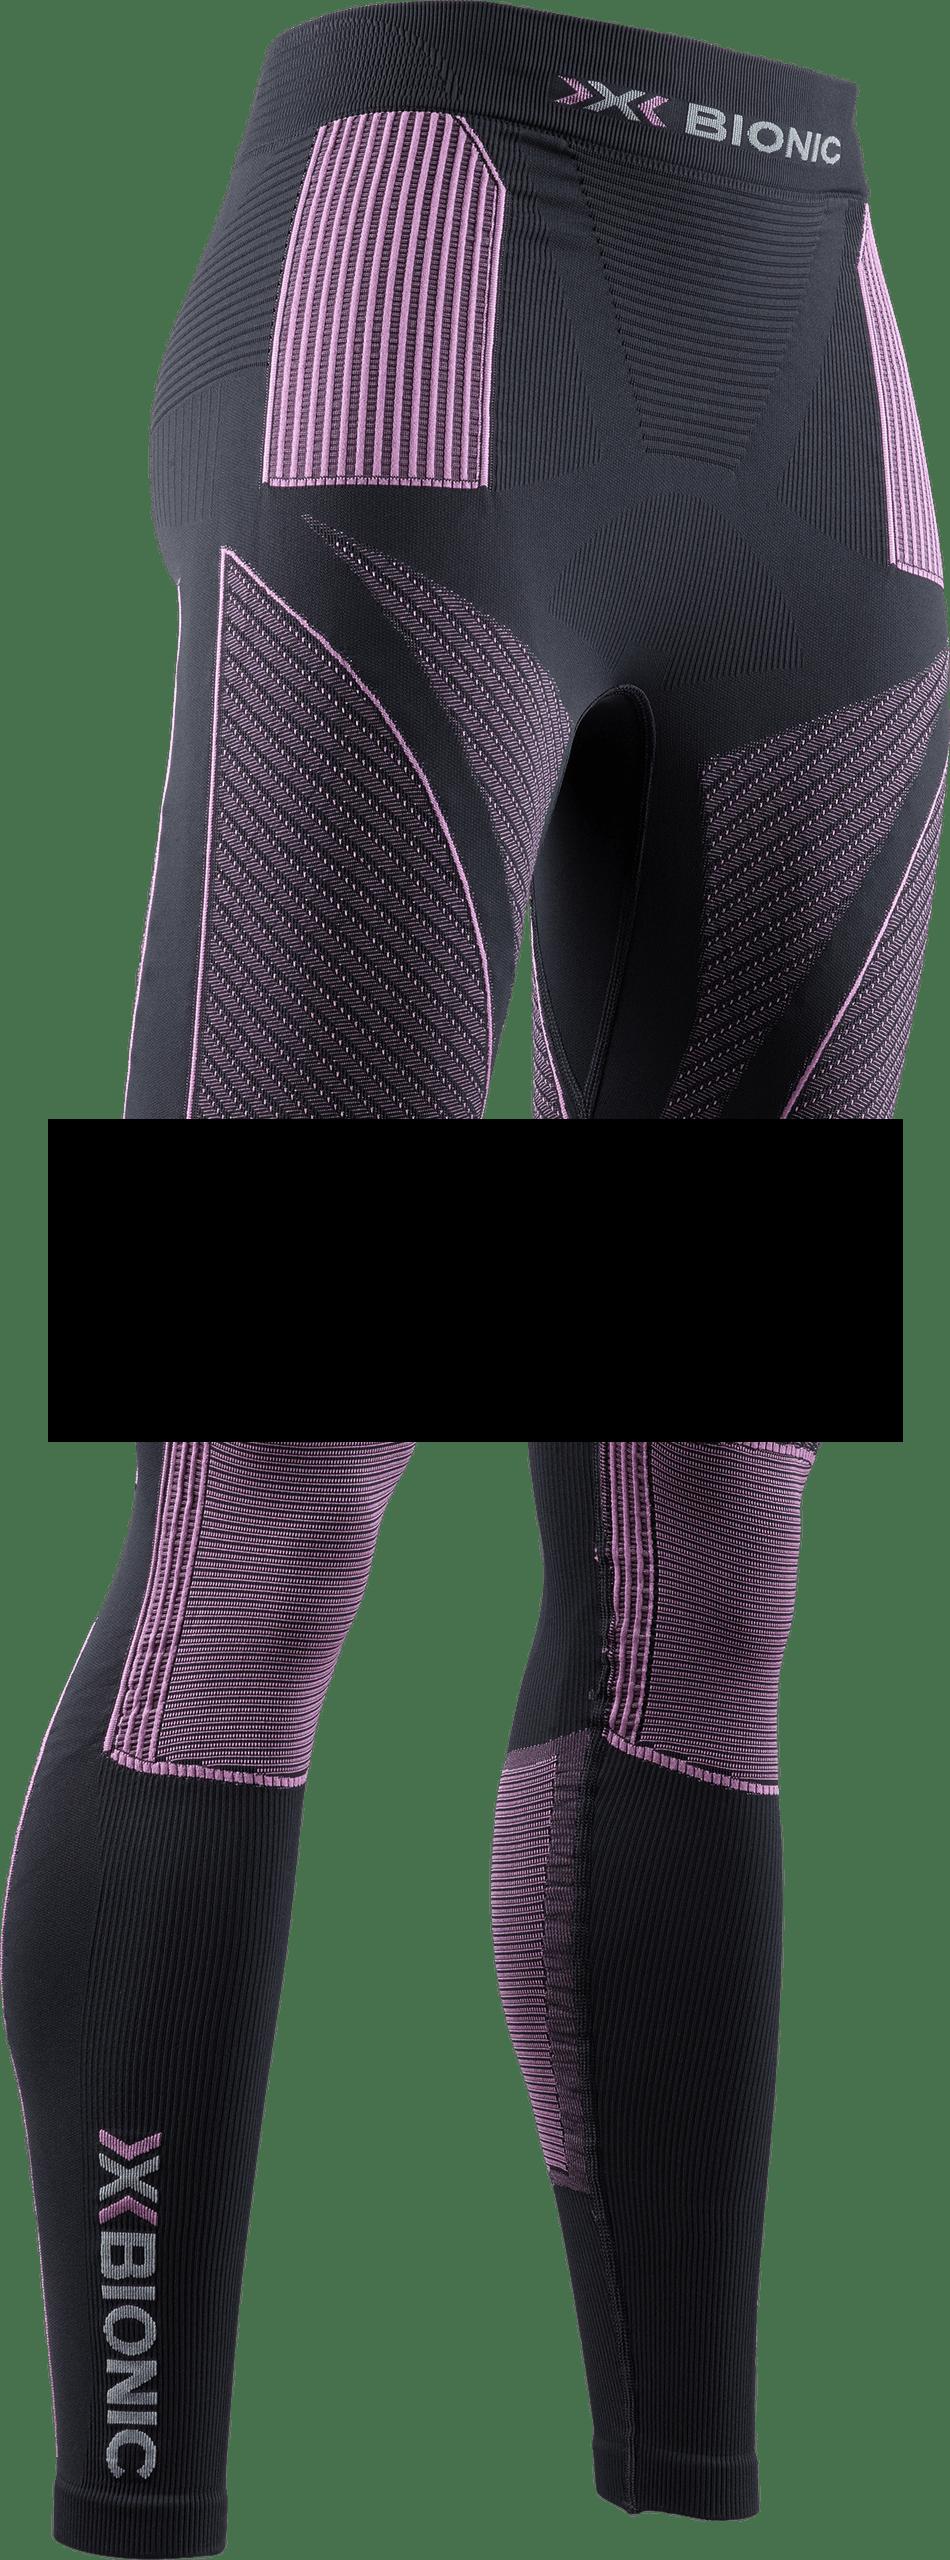 X-Bionic Energy Accumulator 4.0 Pants LNG W